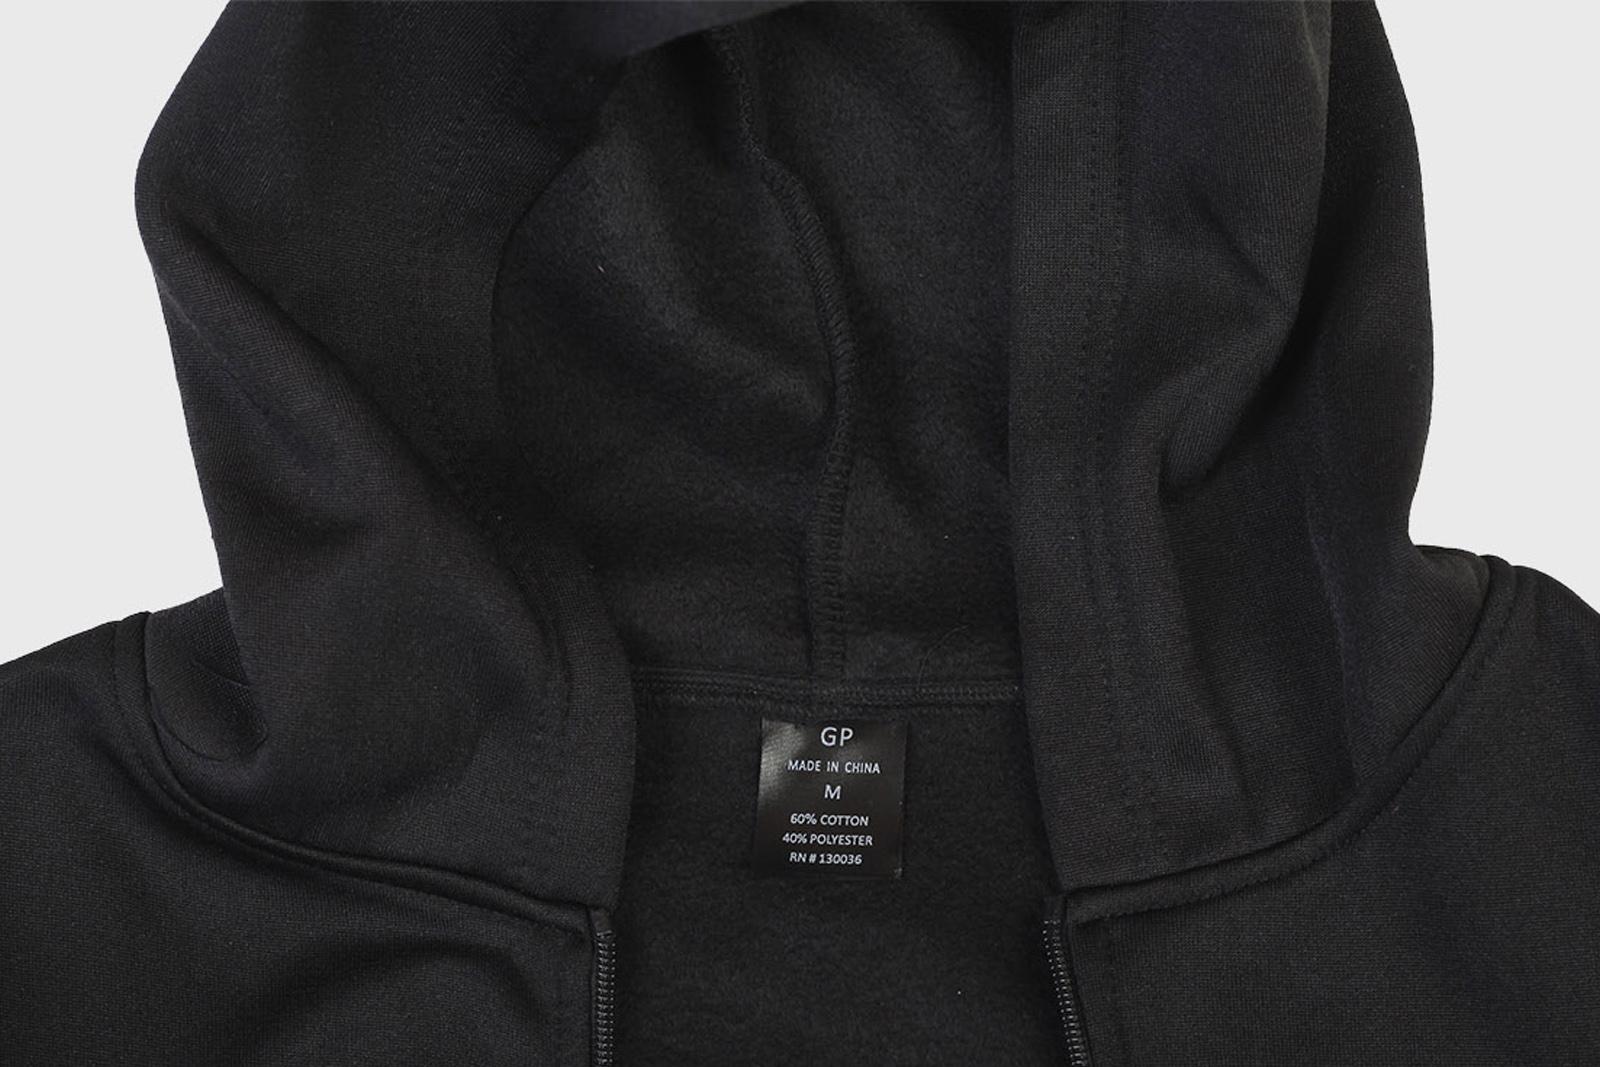 Черная мужская толстовка с шевроном Спецназа ГРУ купить оптом